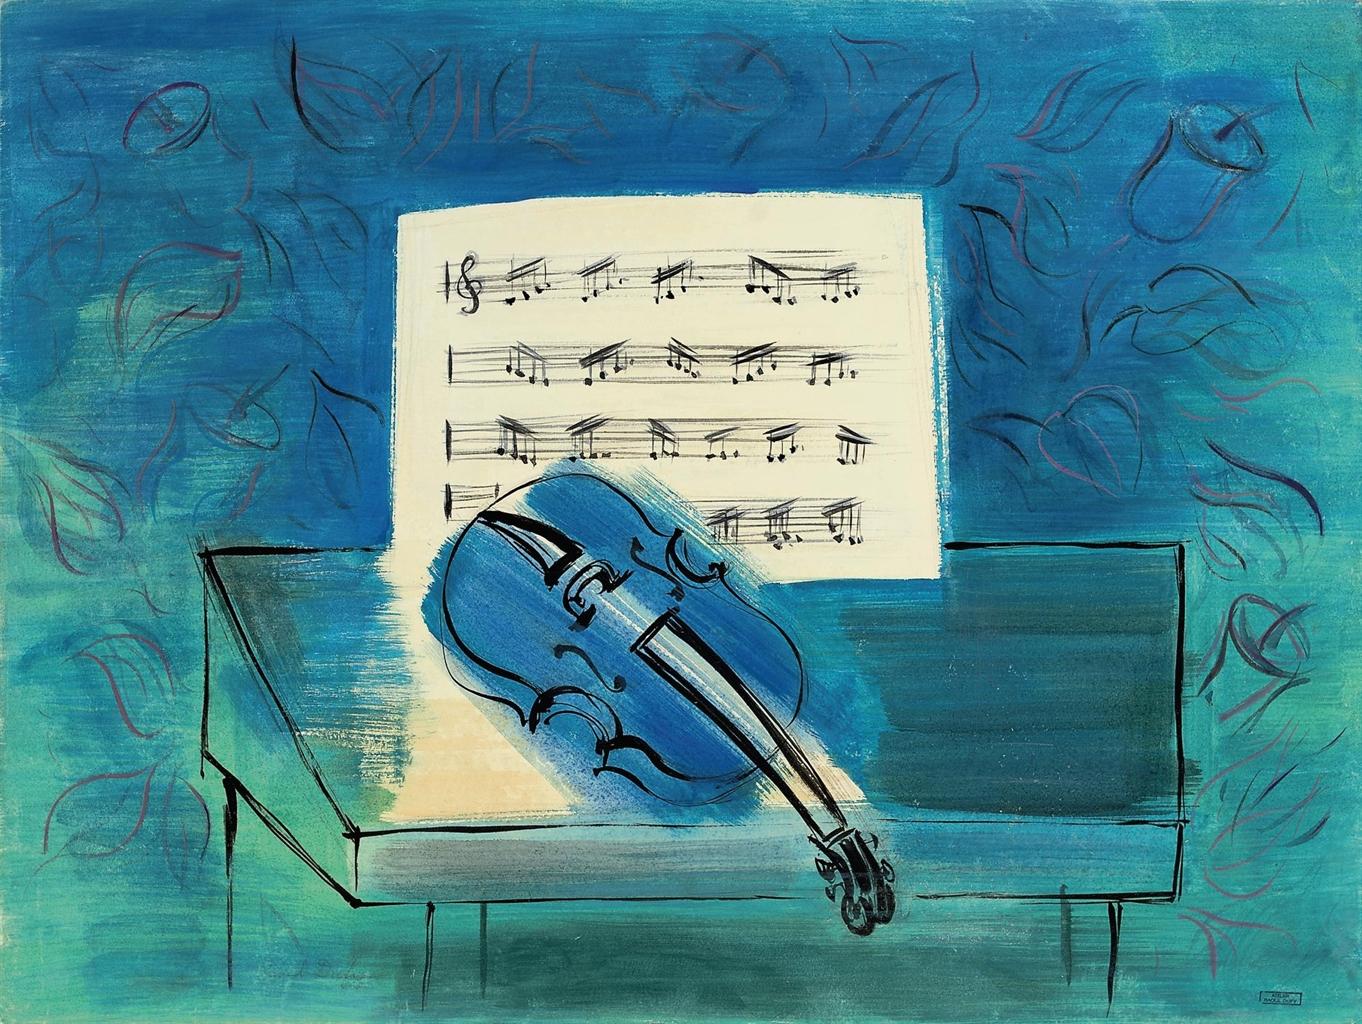 Raoul-Dufy-le-violon-bleu-insight-coaching-art, musique, violon, music